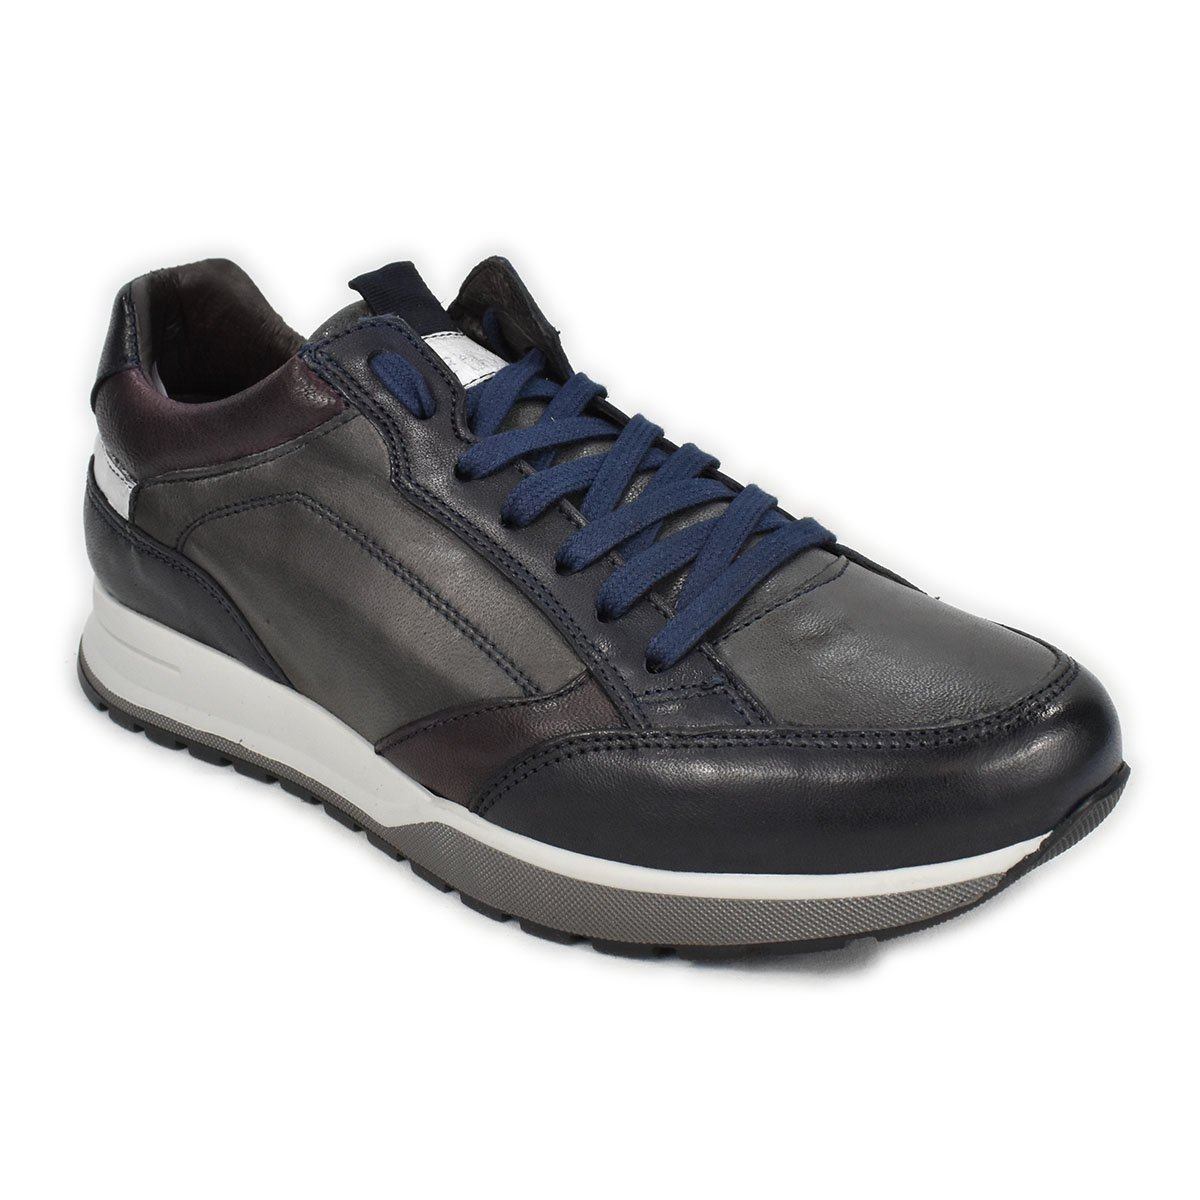 Sneakers in pelle grigia con dettagli blu e rossi - CafèNoir FPD231